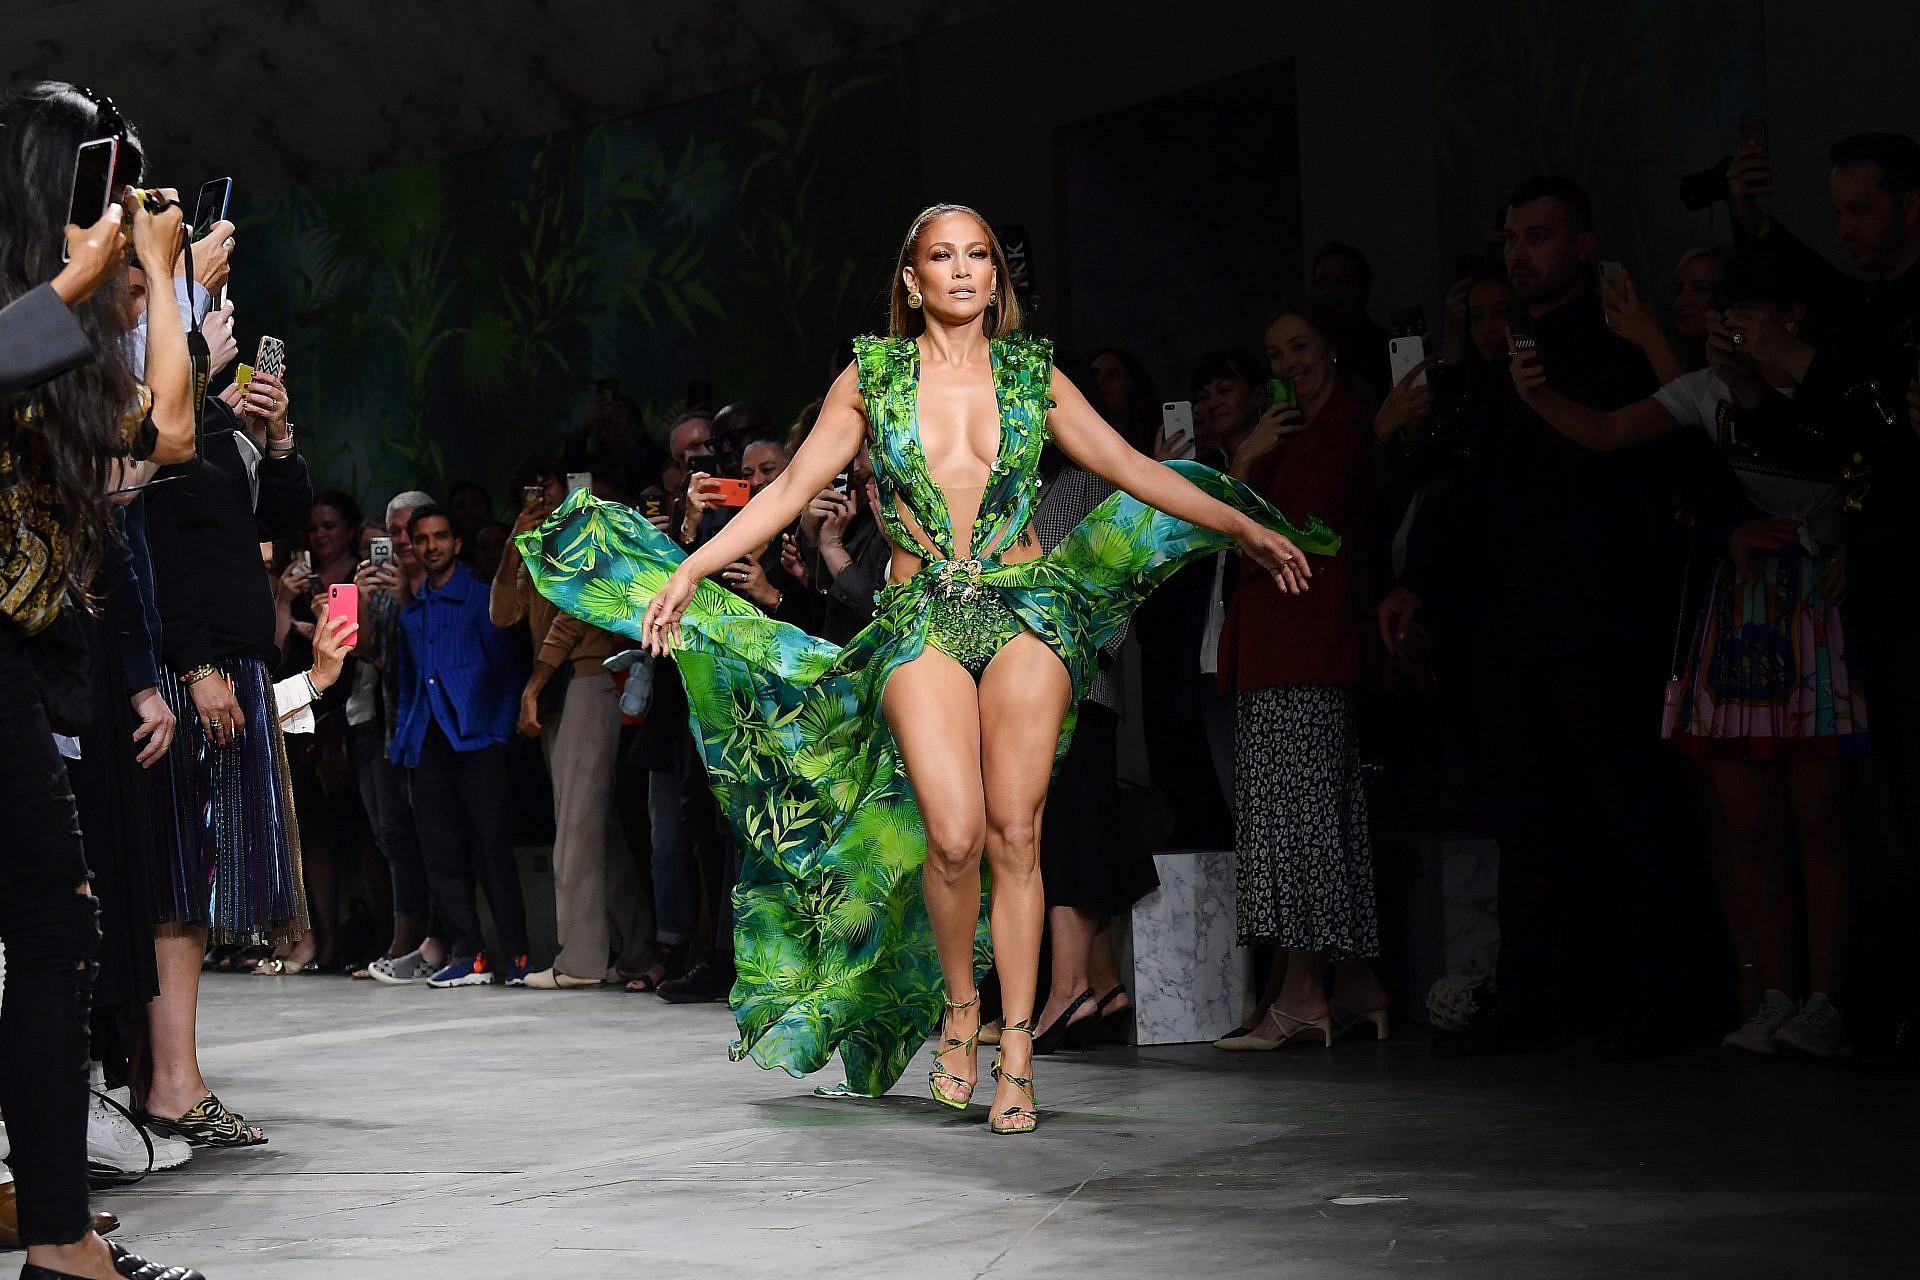 ג'ניפר לופז בתצוגה של ורסצ'ה, שבוע האופנה מילאנו 2019 | צילום: Jacopo Raule/GettyImages